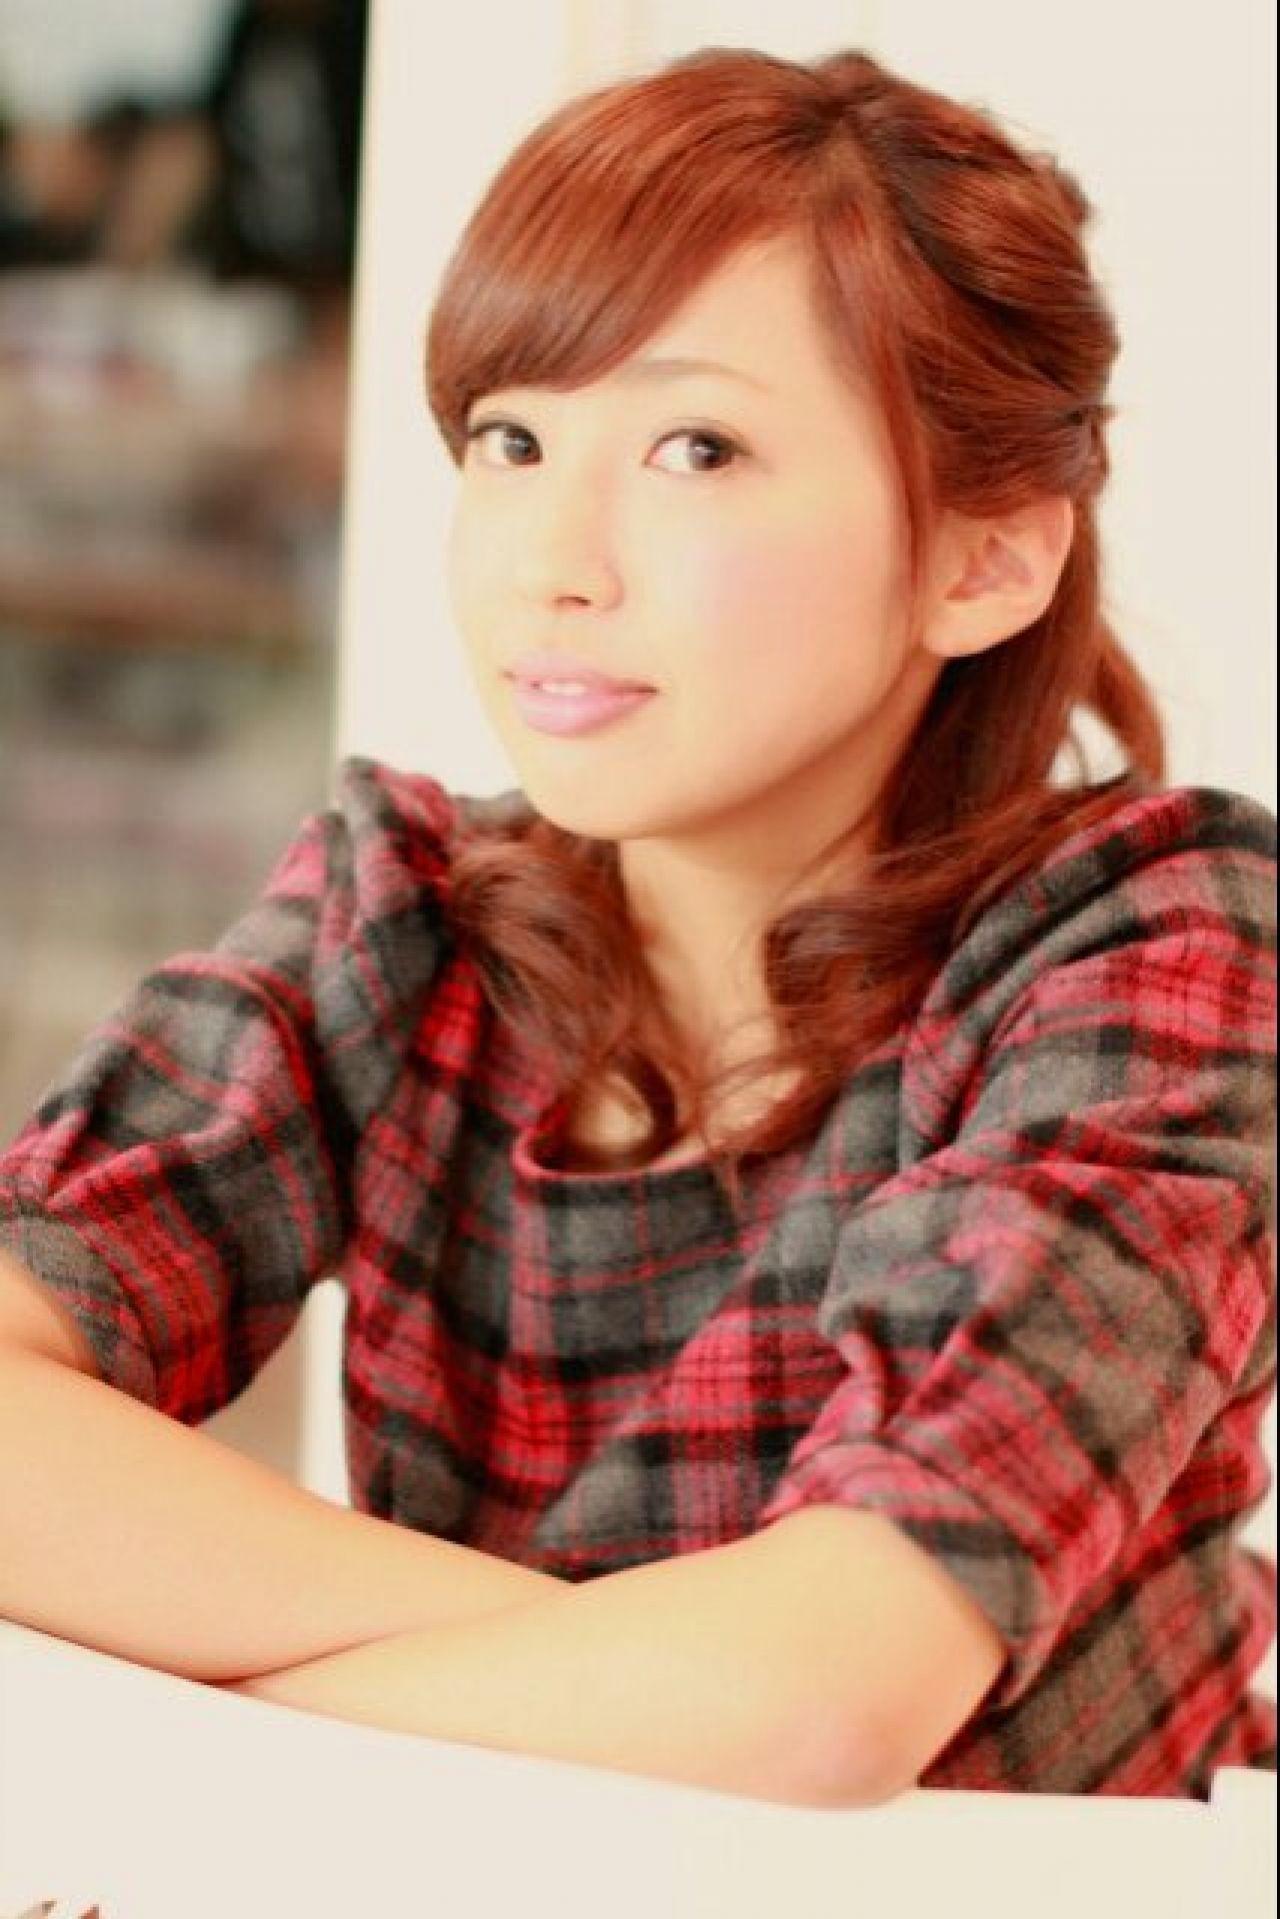 芸能人でも発見!今年の可愛い髪型は「ミディアム」ヘアにあり! 志賀 雅千子